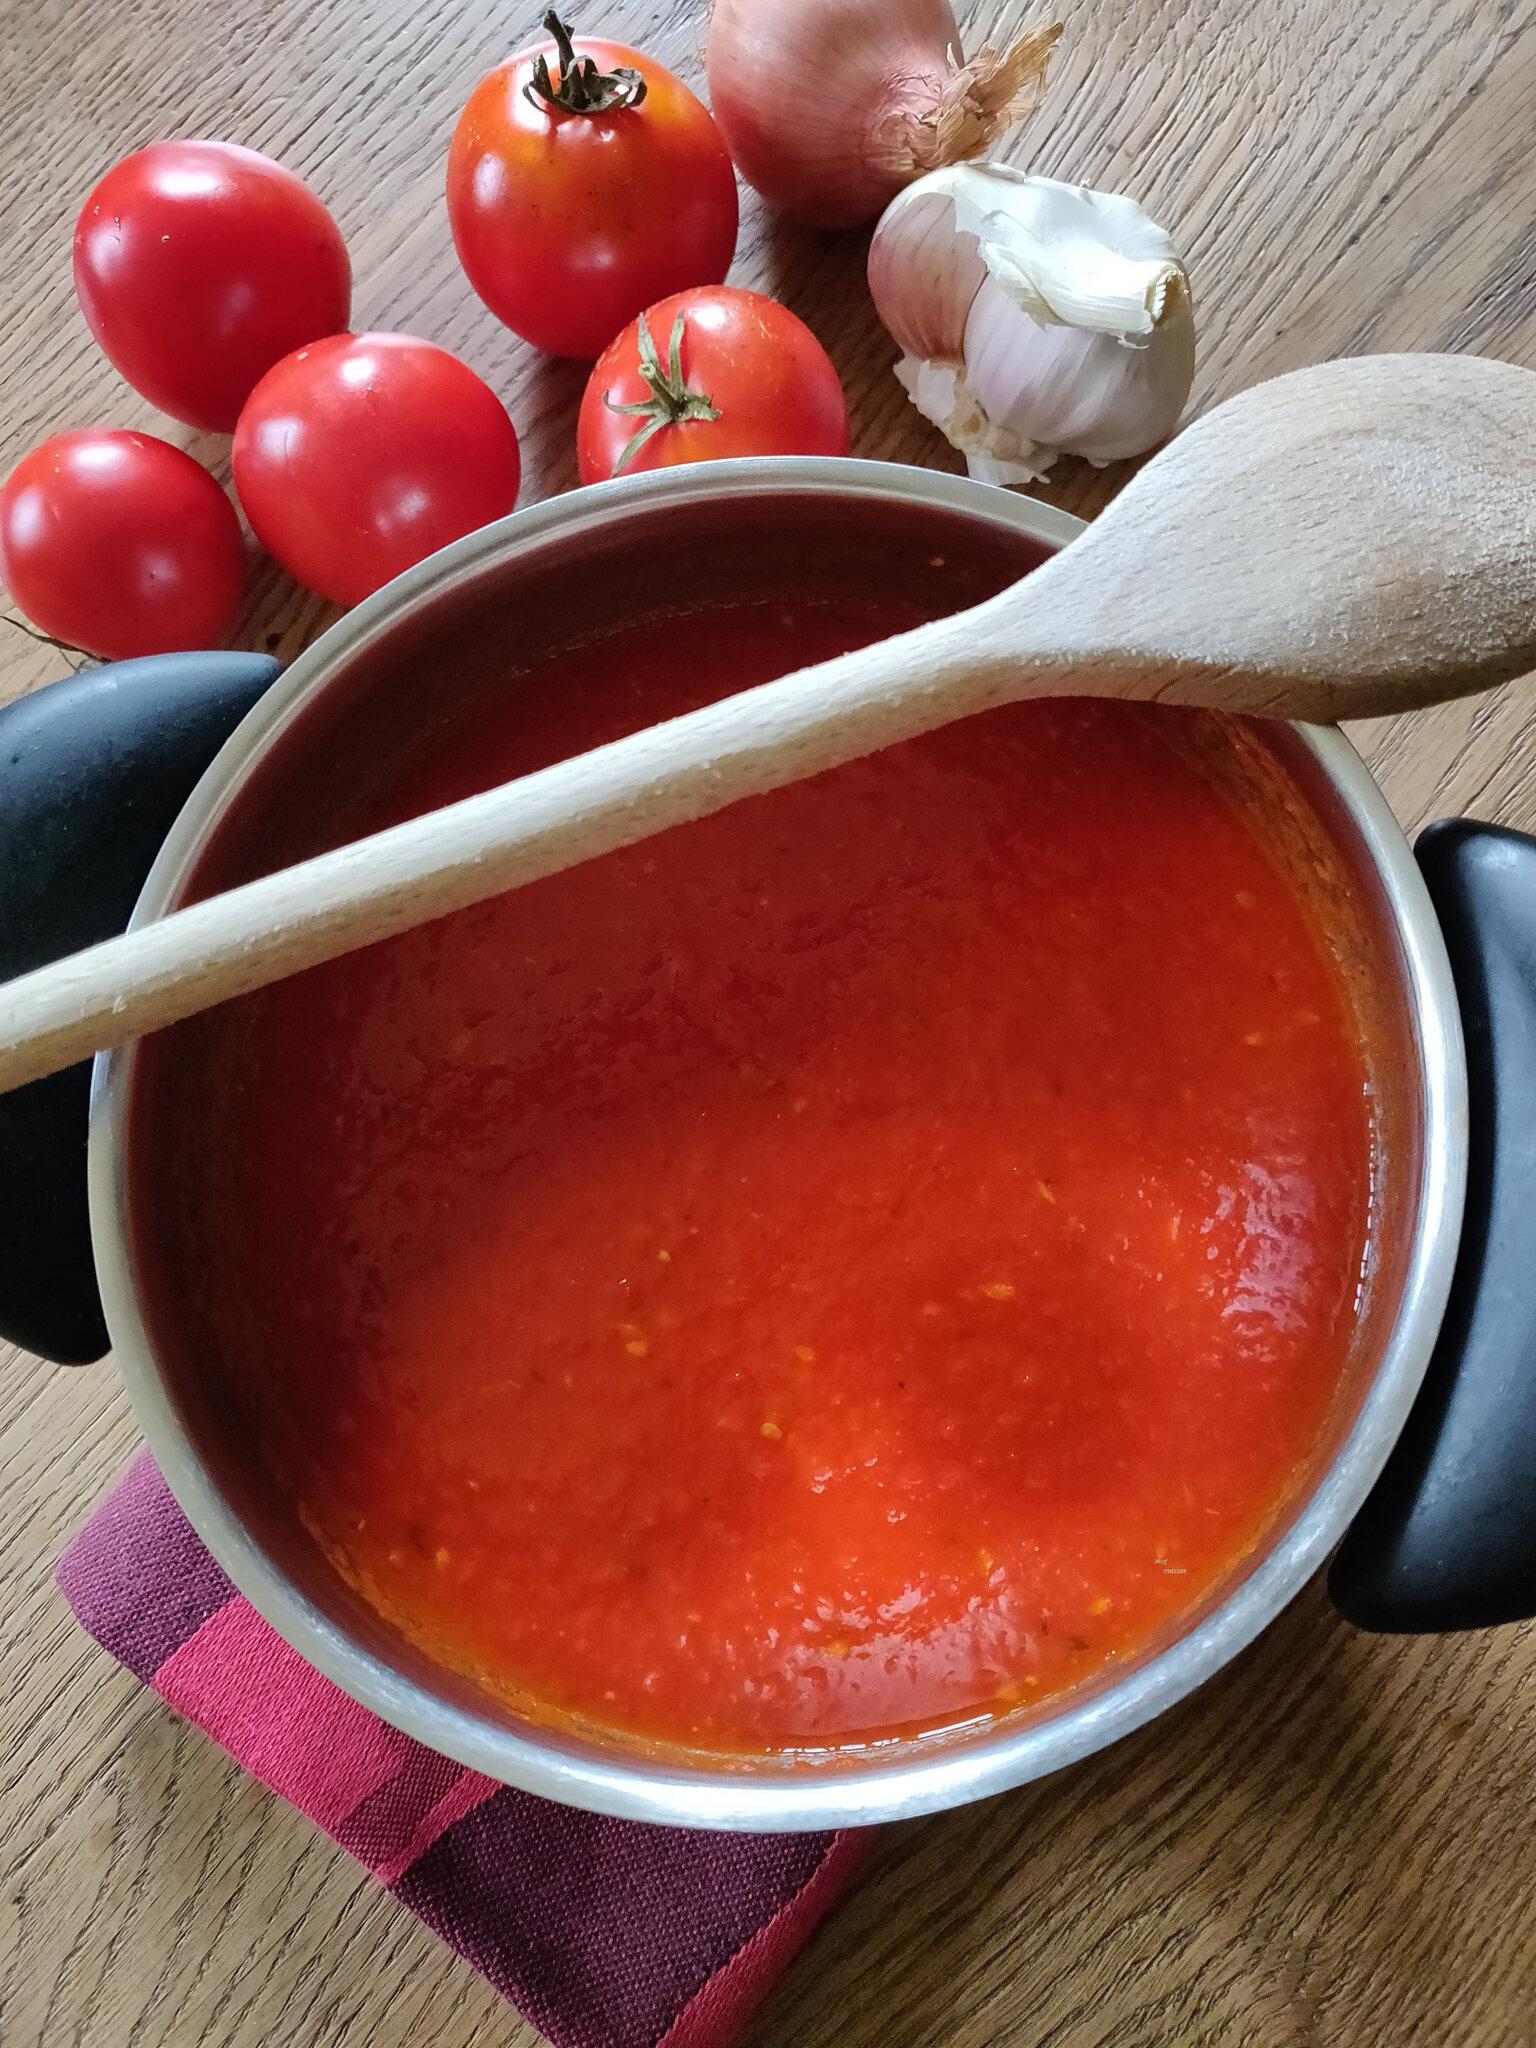 Les dernières tomates du jardin